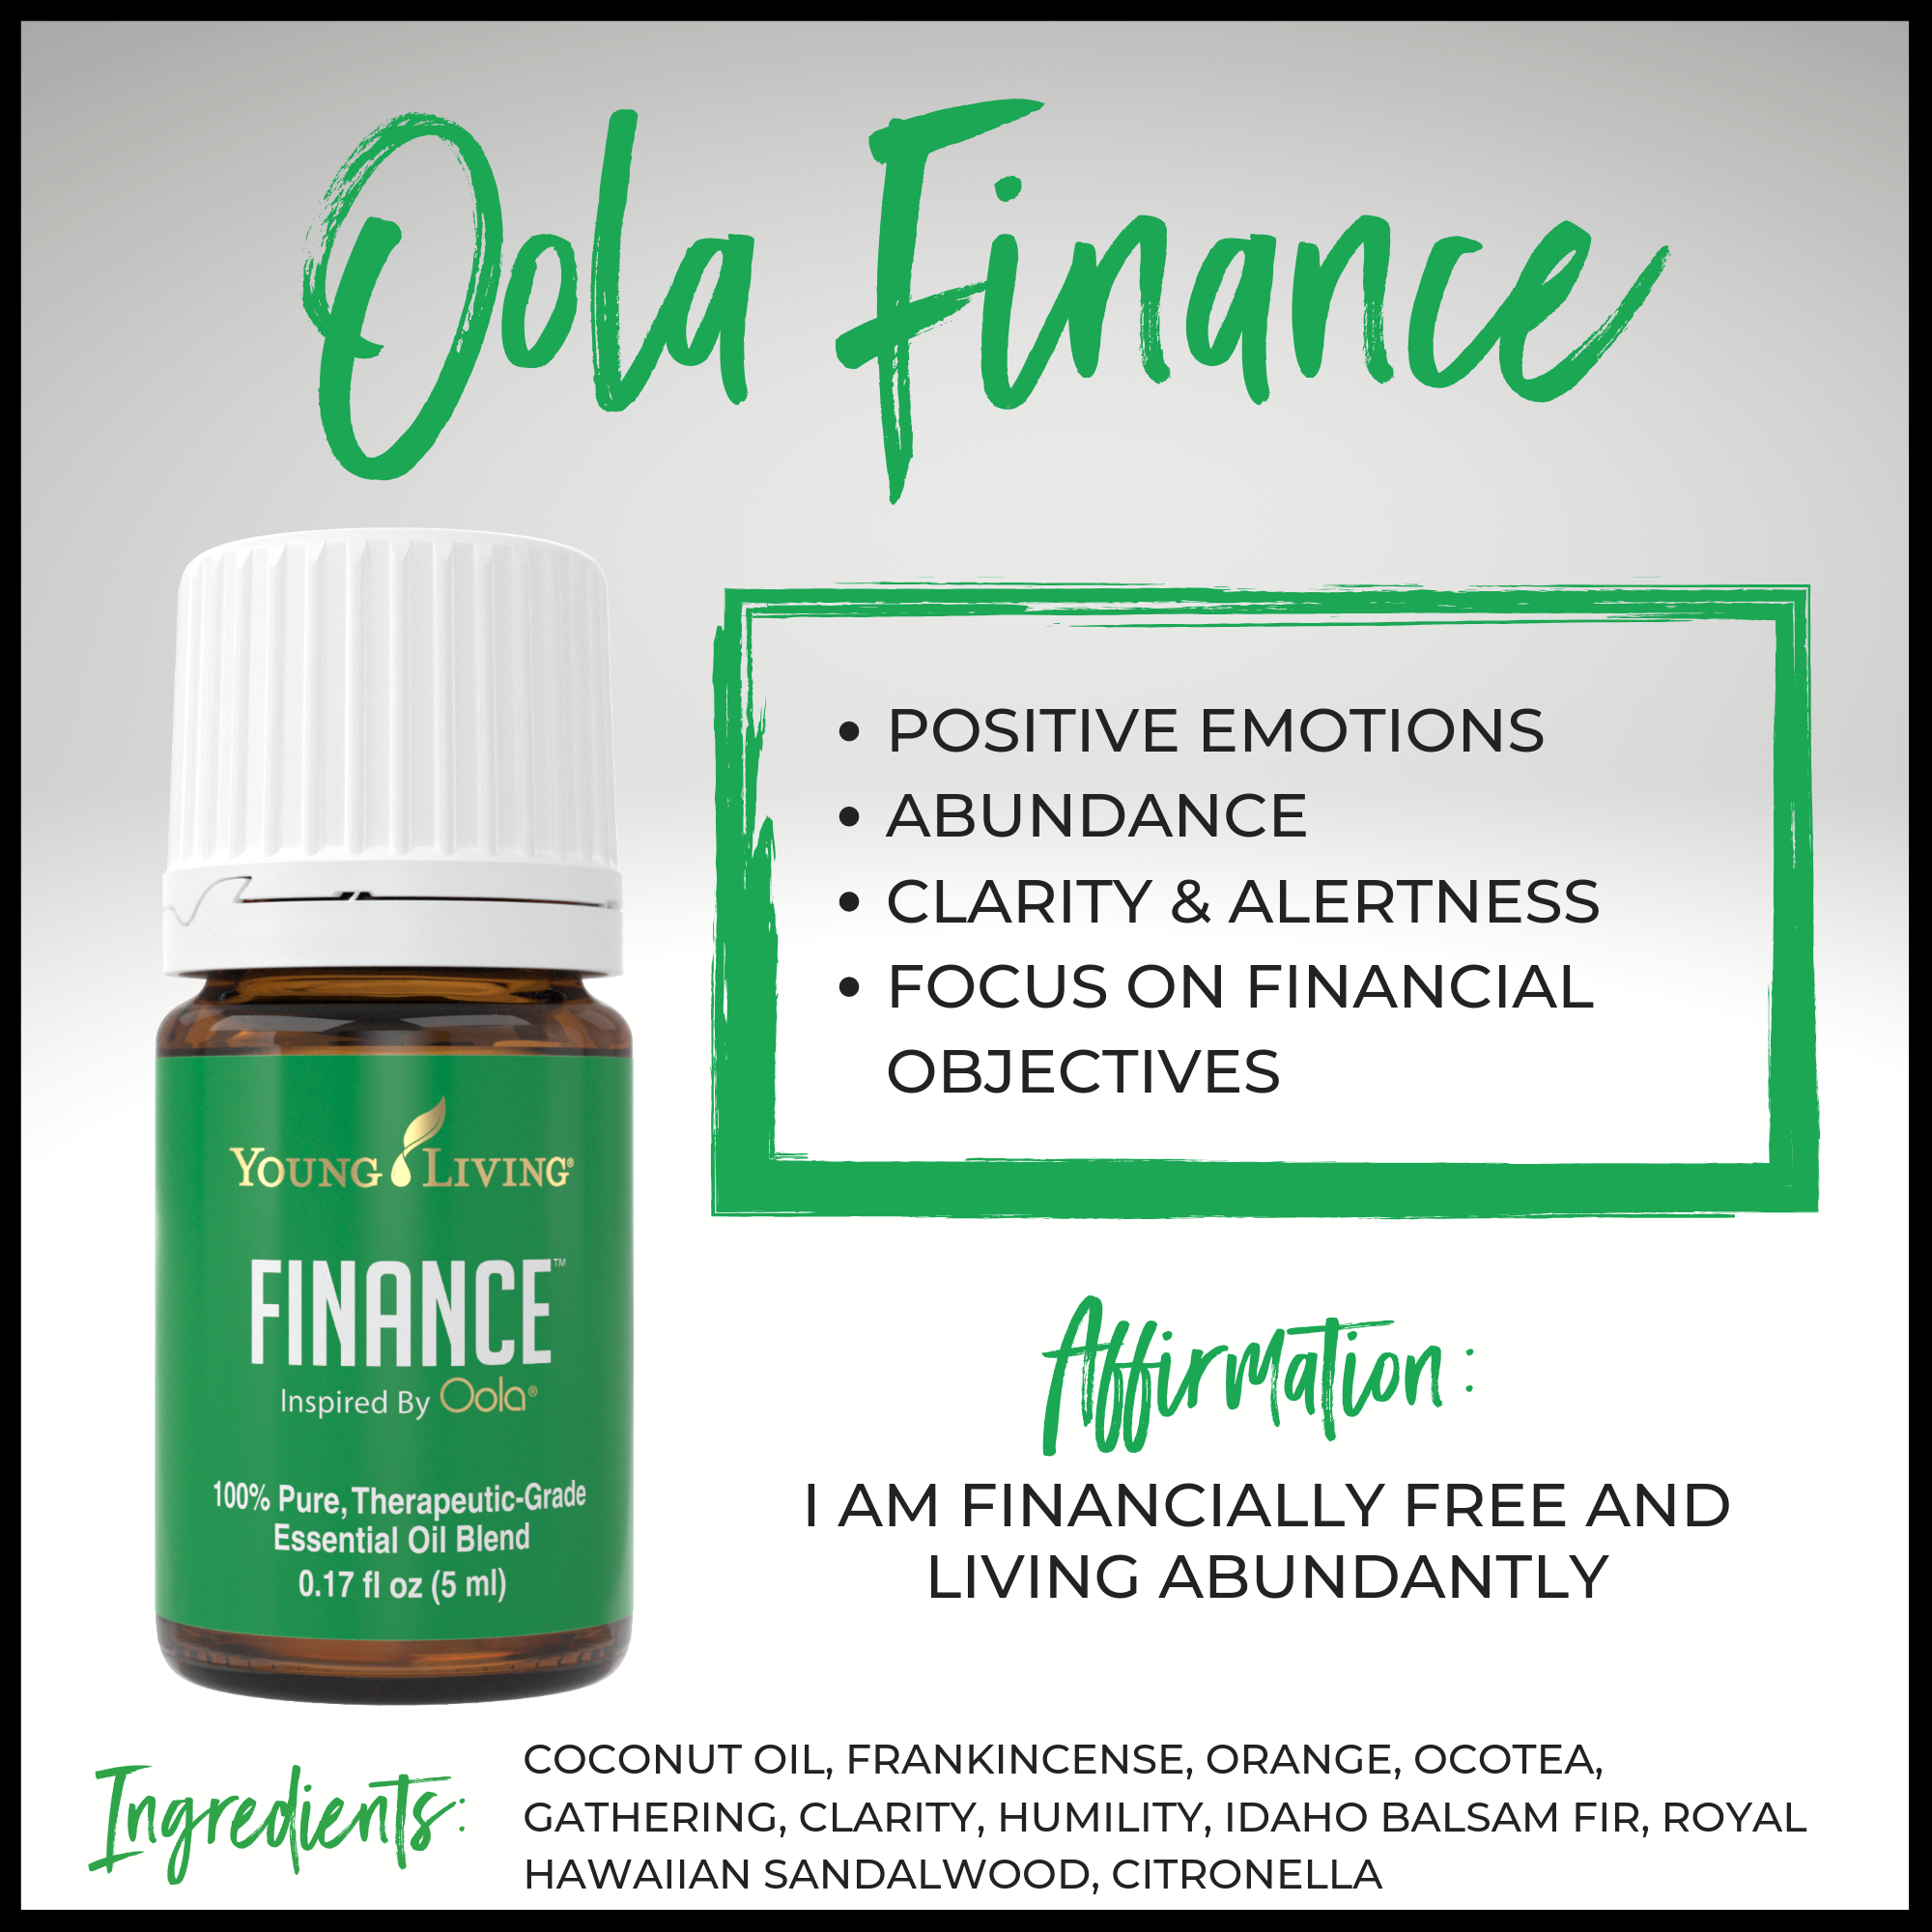 Oola Finance